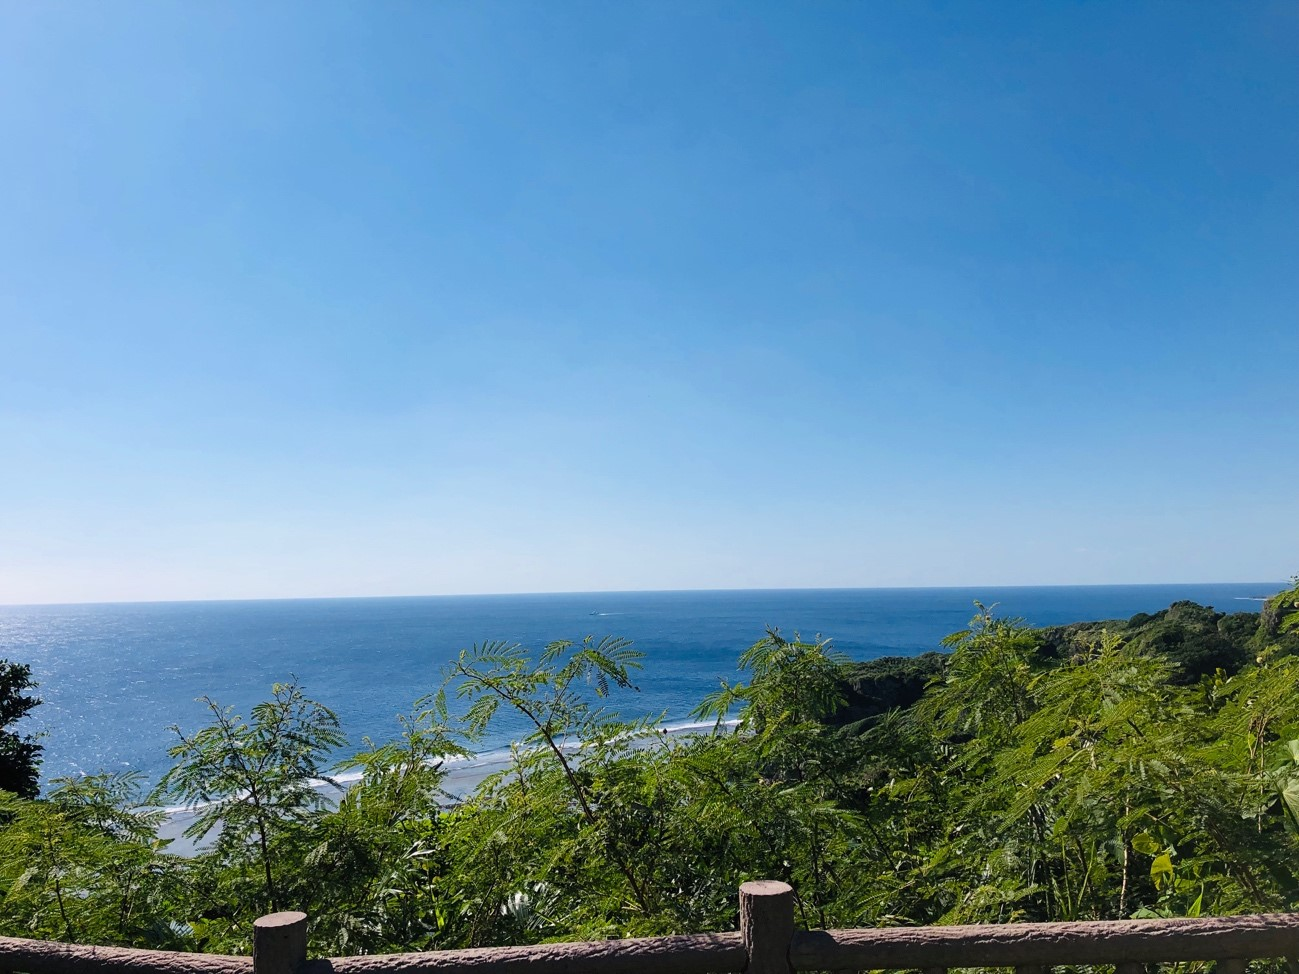 沖縄県糸満市「平和祈念公園」赤瓦の東屋からの景色